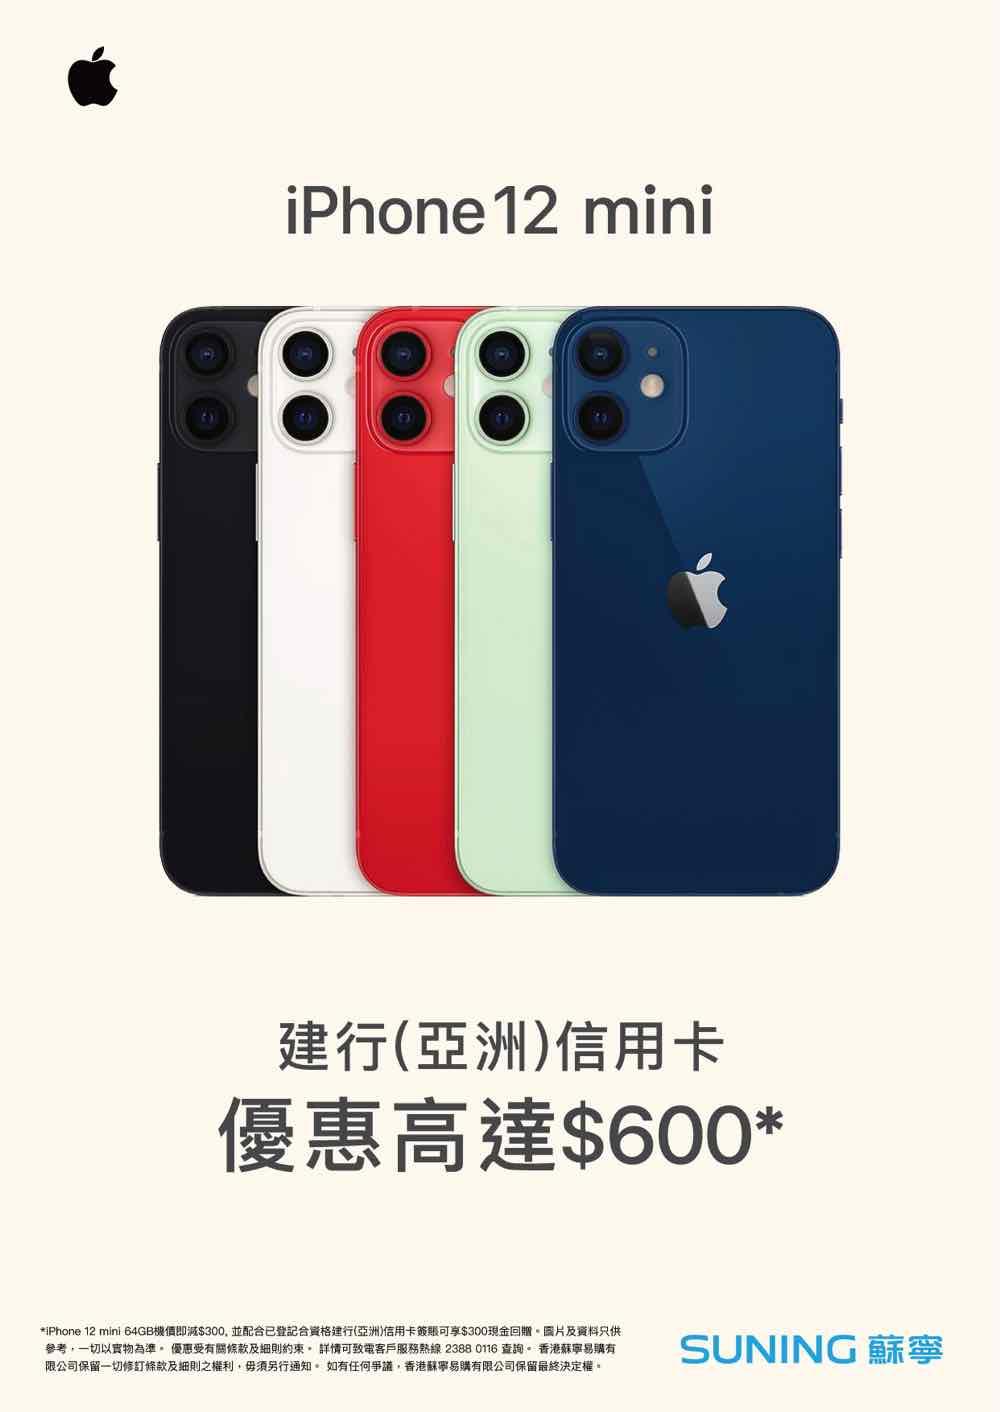 香港蘇寧 Apple 產品限時優惠  MacBook Pro 激減高達 HK$2,000